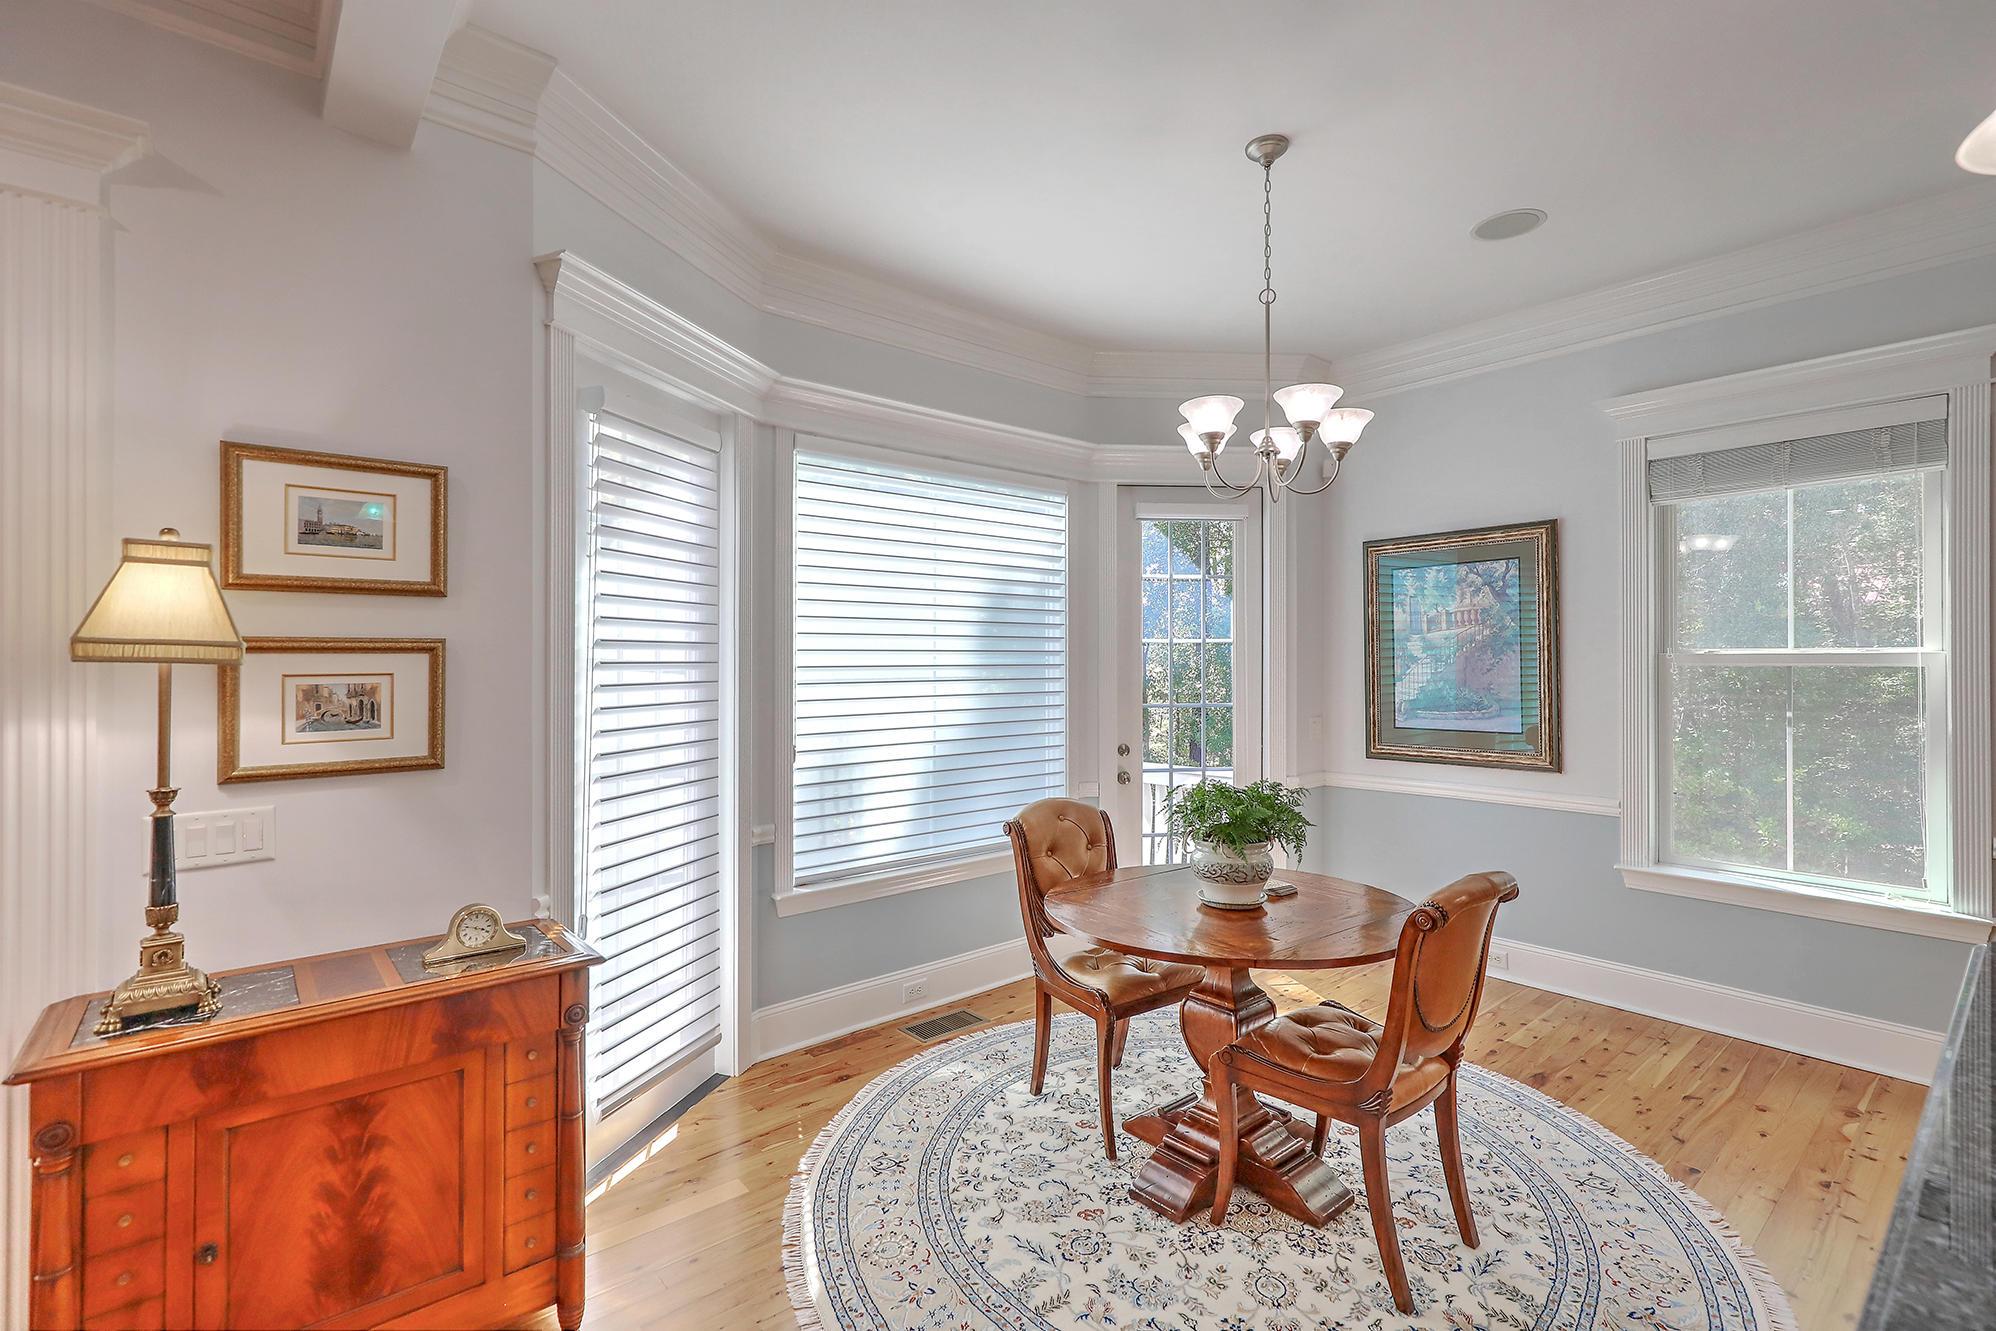 Park West Homes For Sale - 2108 Malcolm, Mount Pleasant, SC - 30